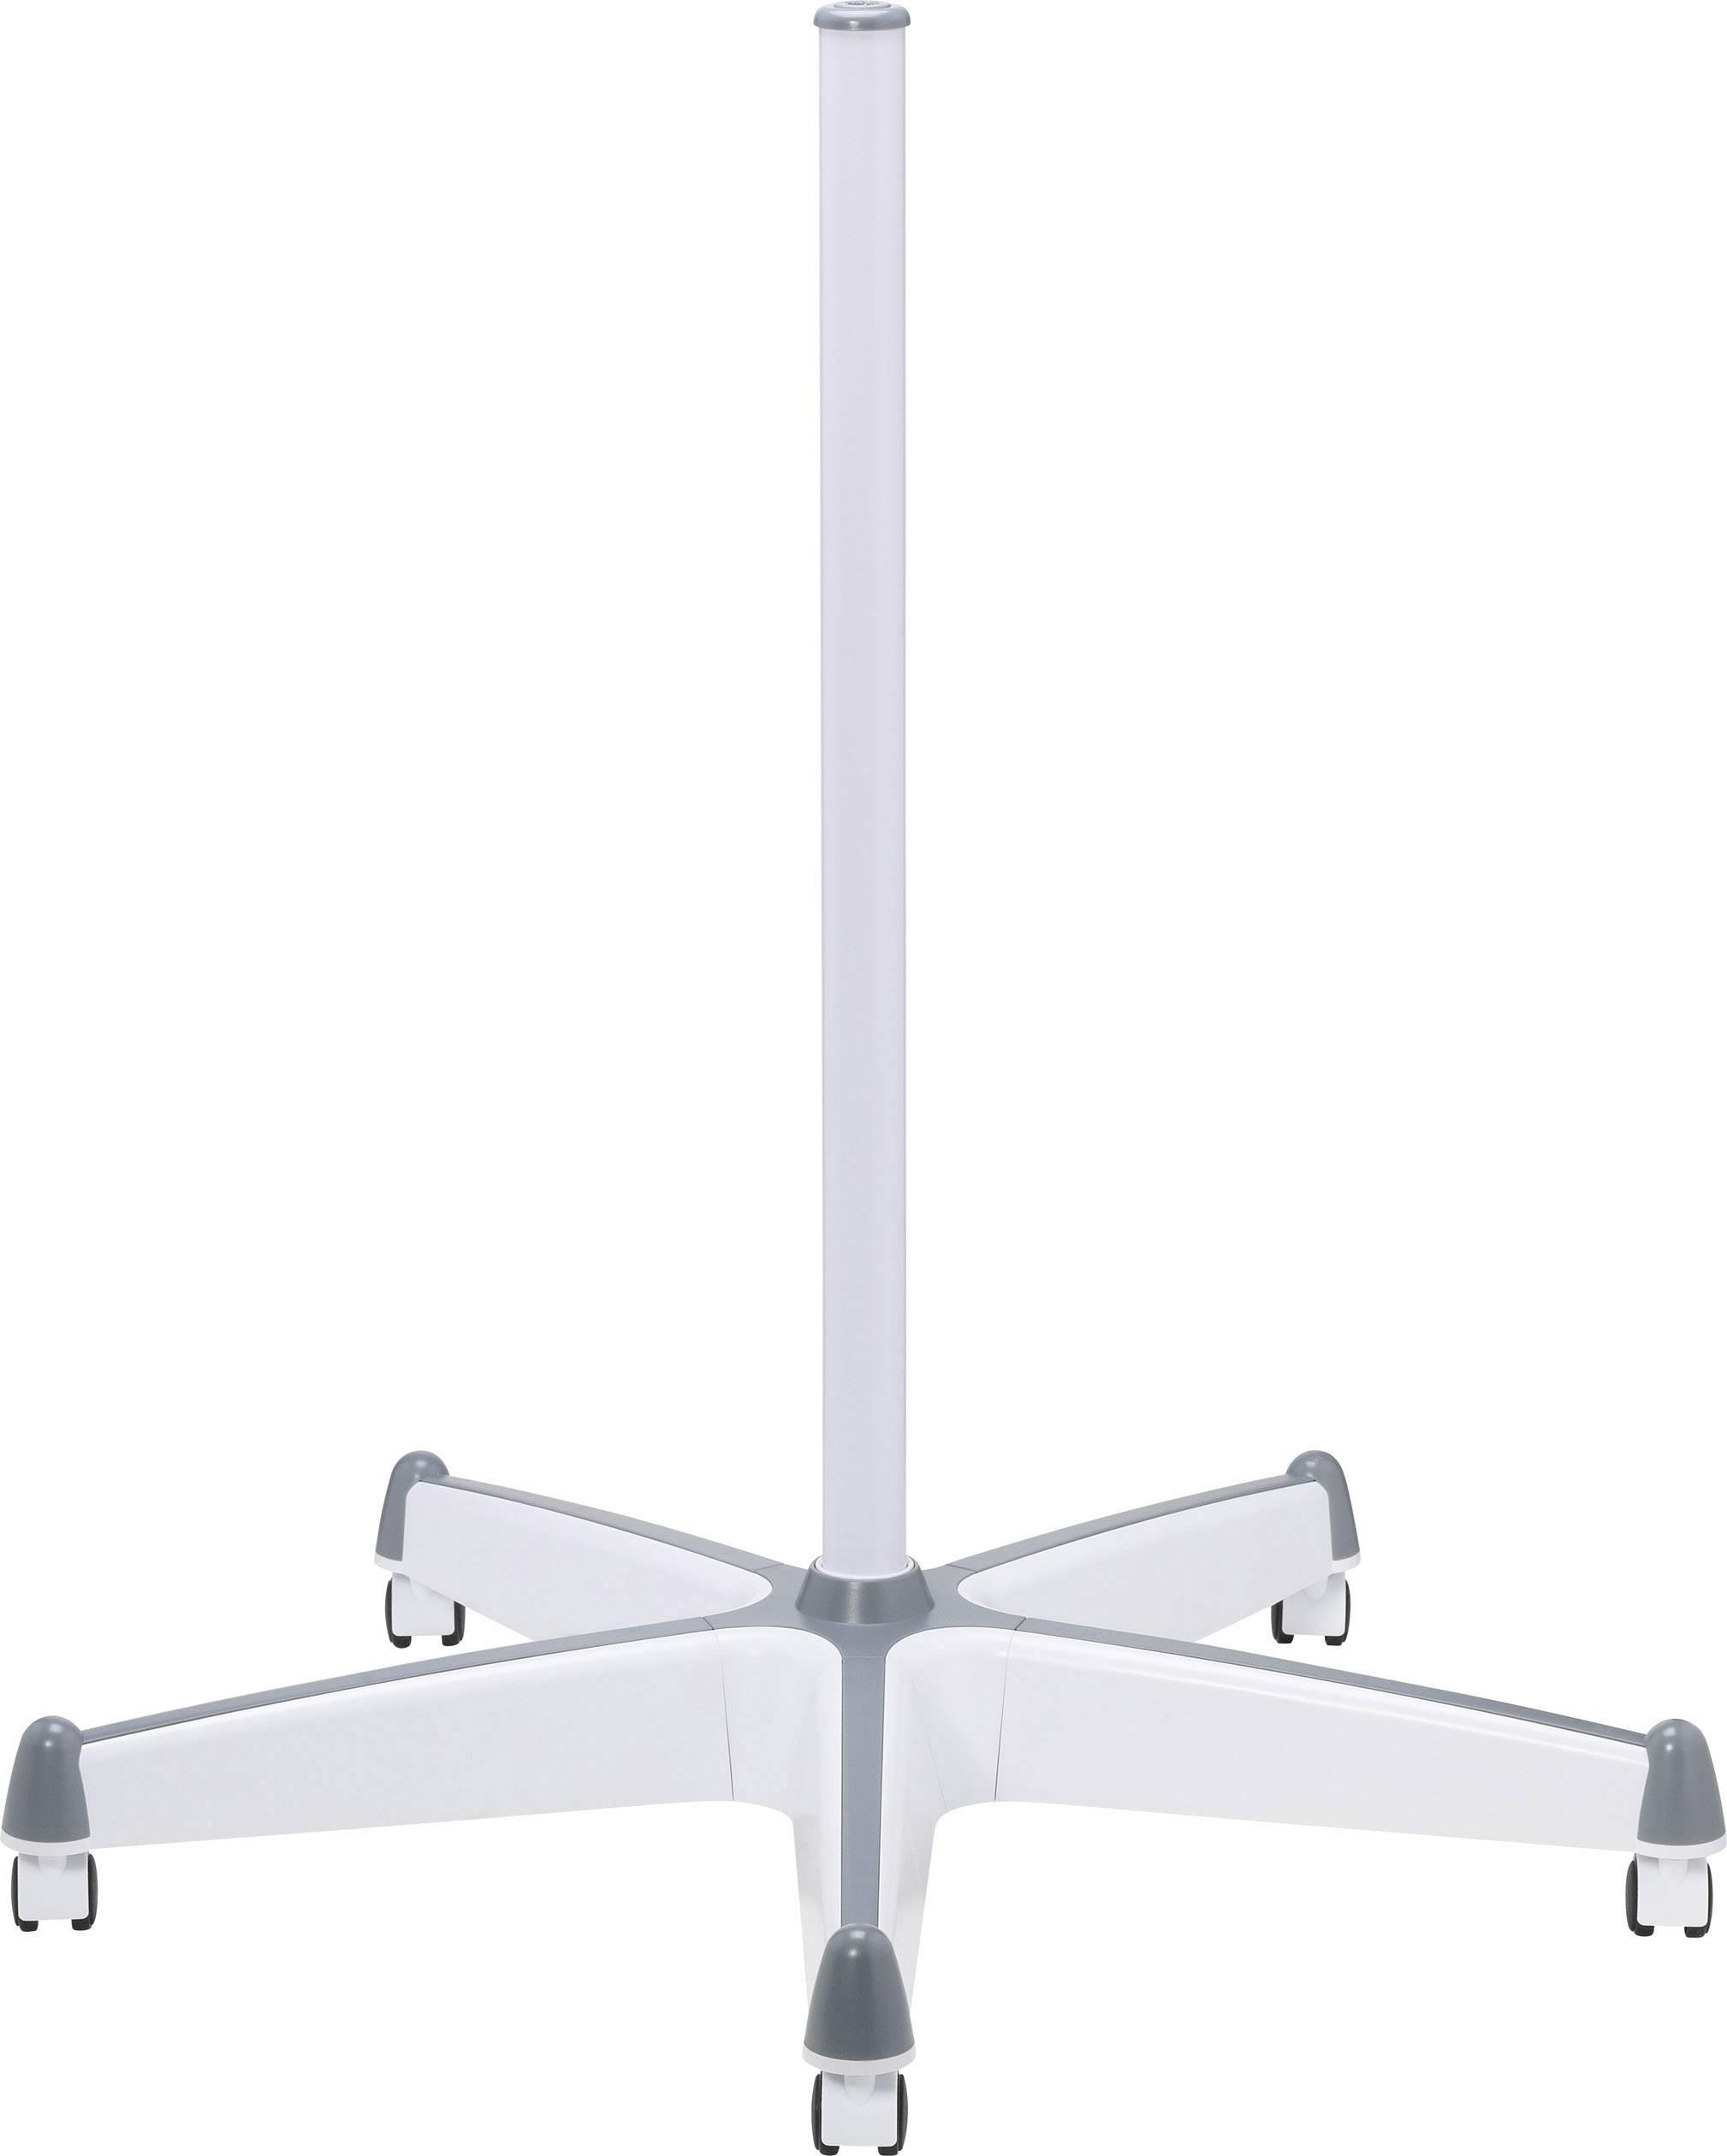 Mobilní stojan pro osvětlovací lupu TOOLCRAFT 960113C04